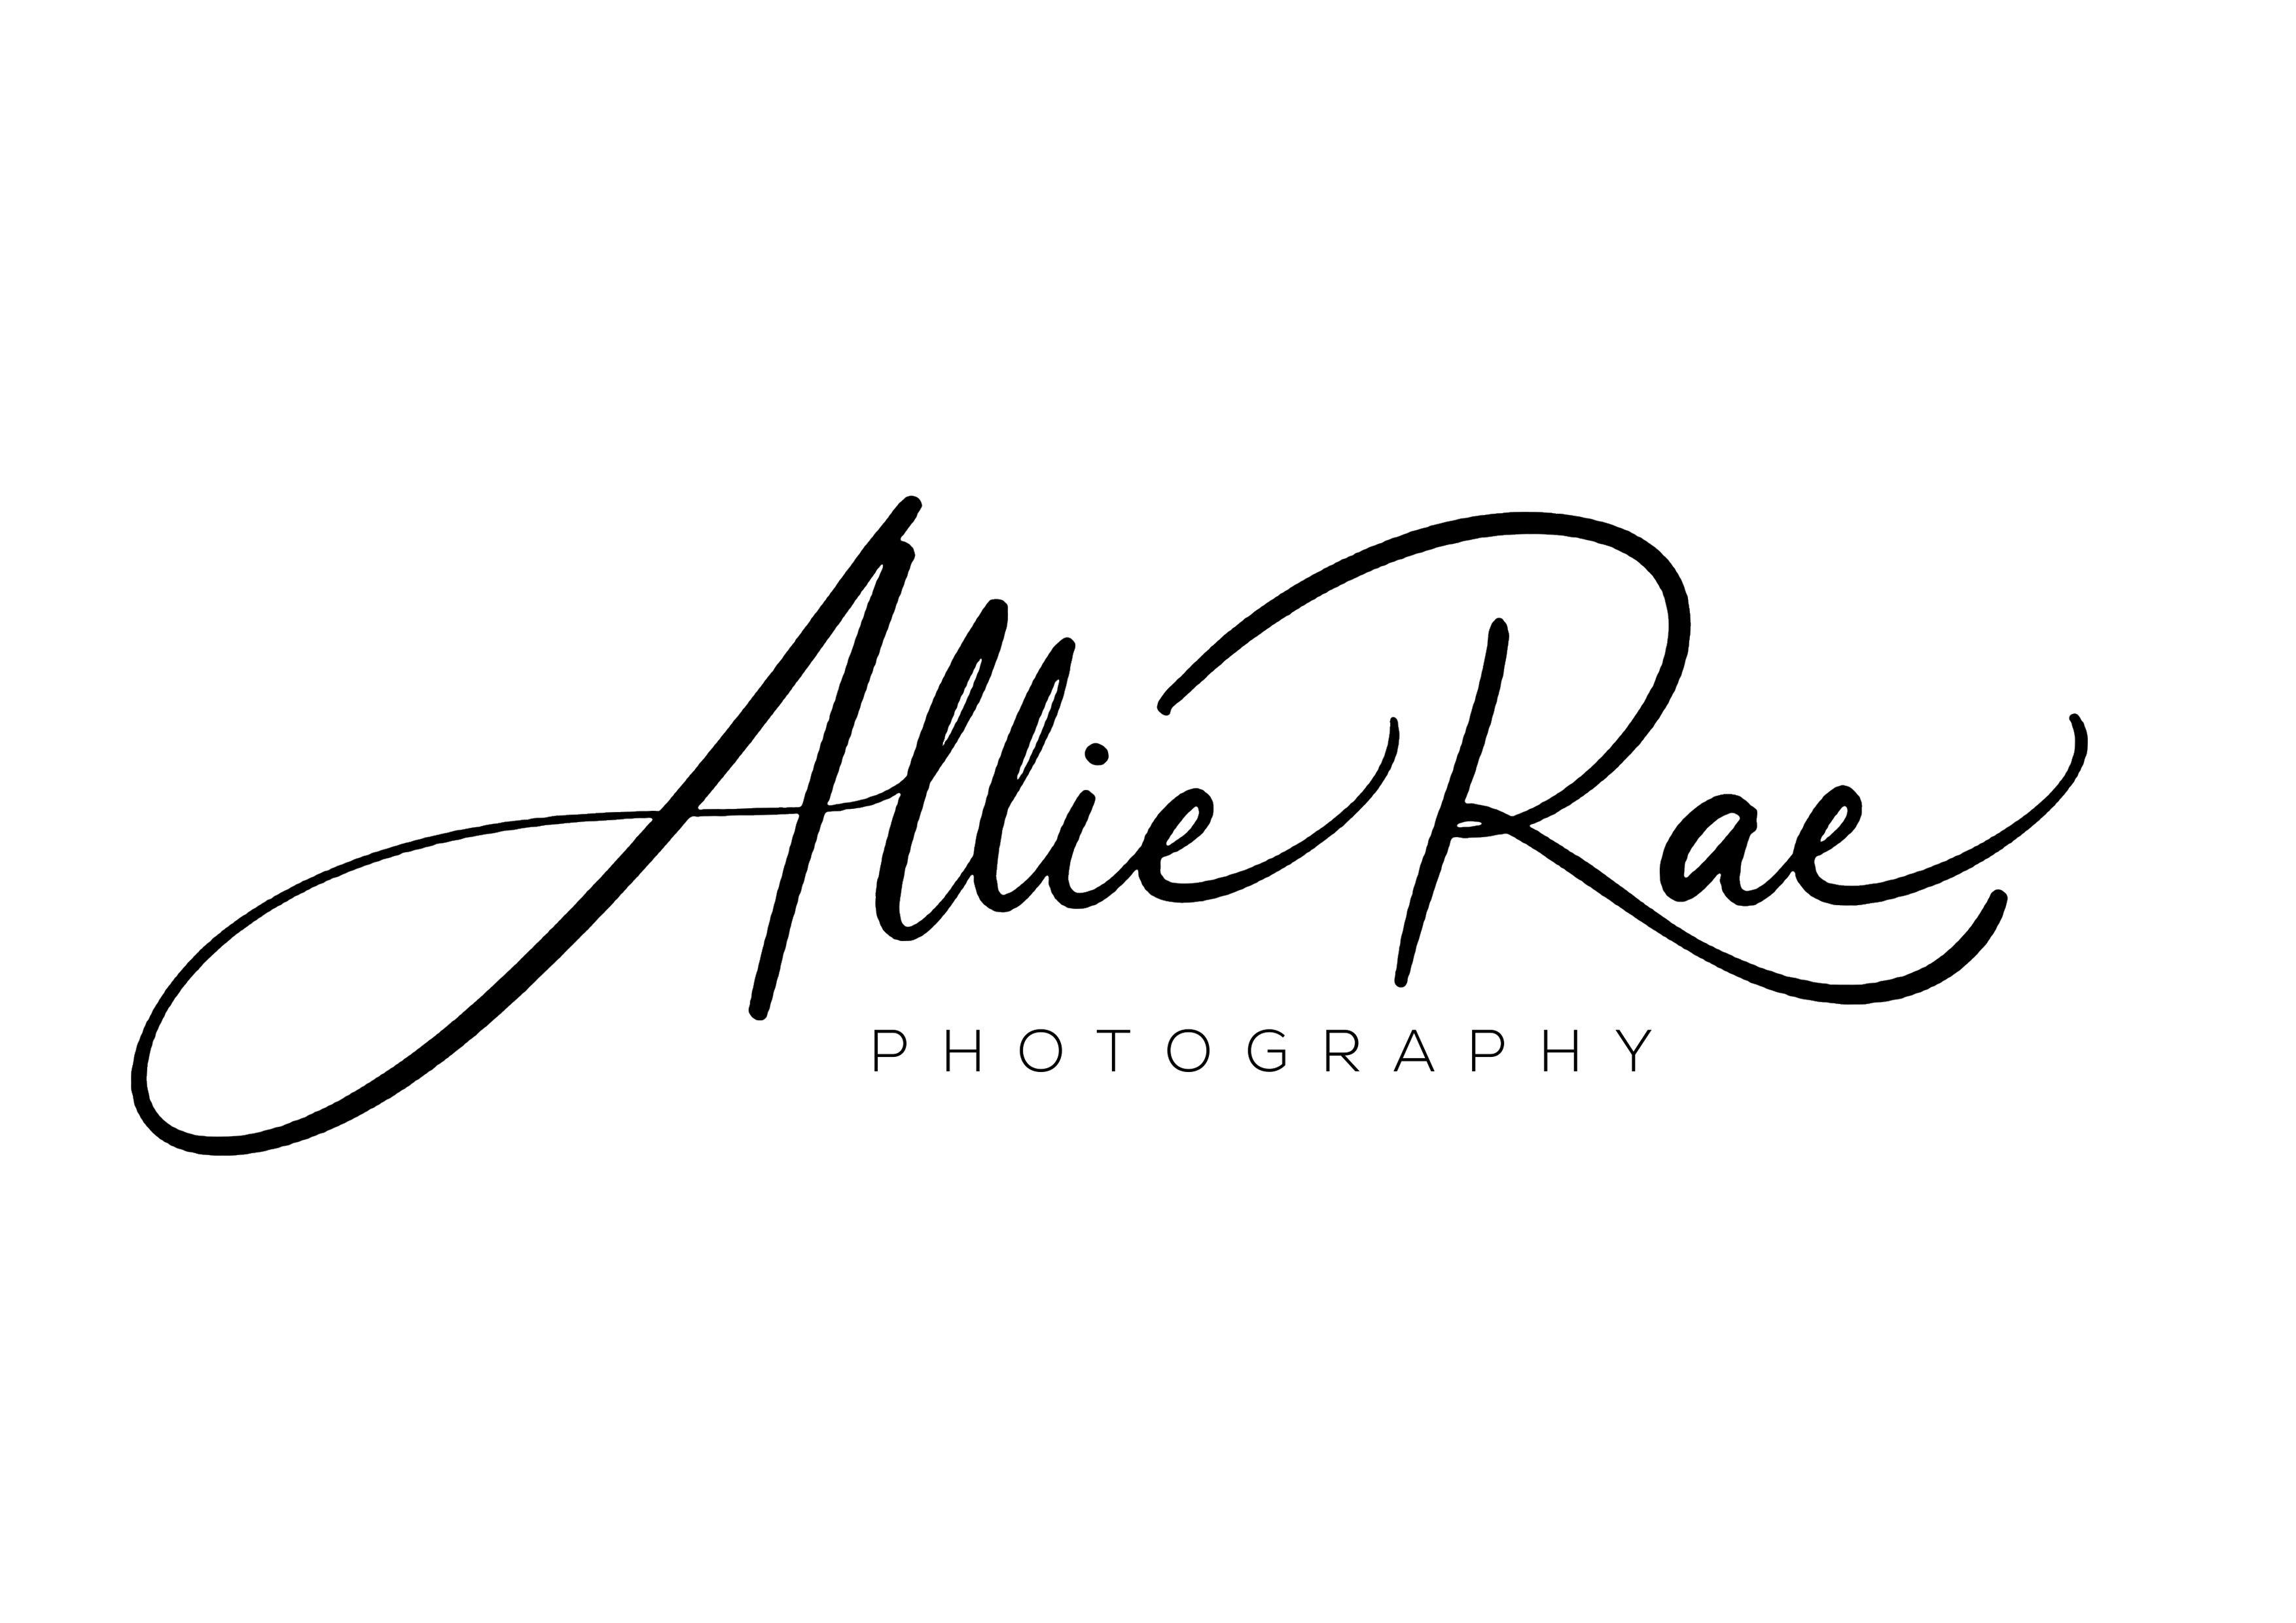 Design amazing photography watermark or signature logo